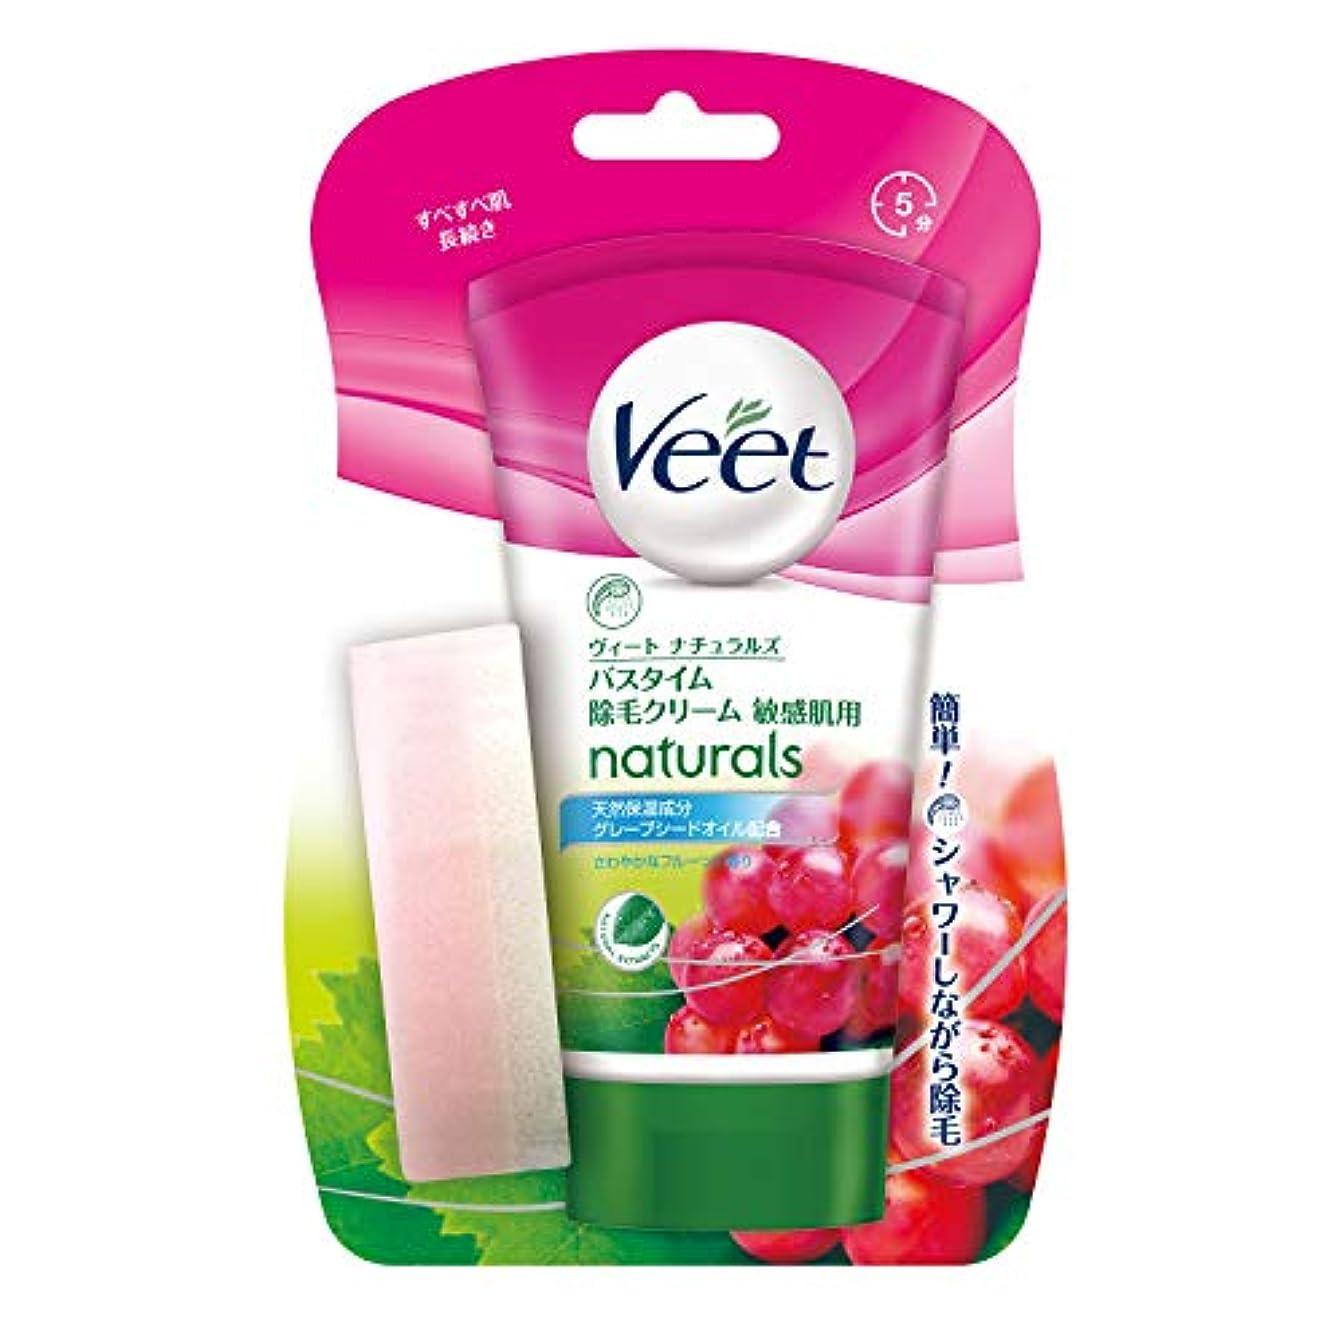 アクセサリー配当夜明けにヴィート バスタイムセン用 除毛クリーム 敏感肌用 150g (Veet Naturals In Shower Hair Removal Cream  Sensitive 150g)